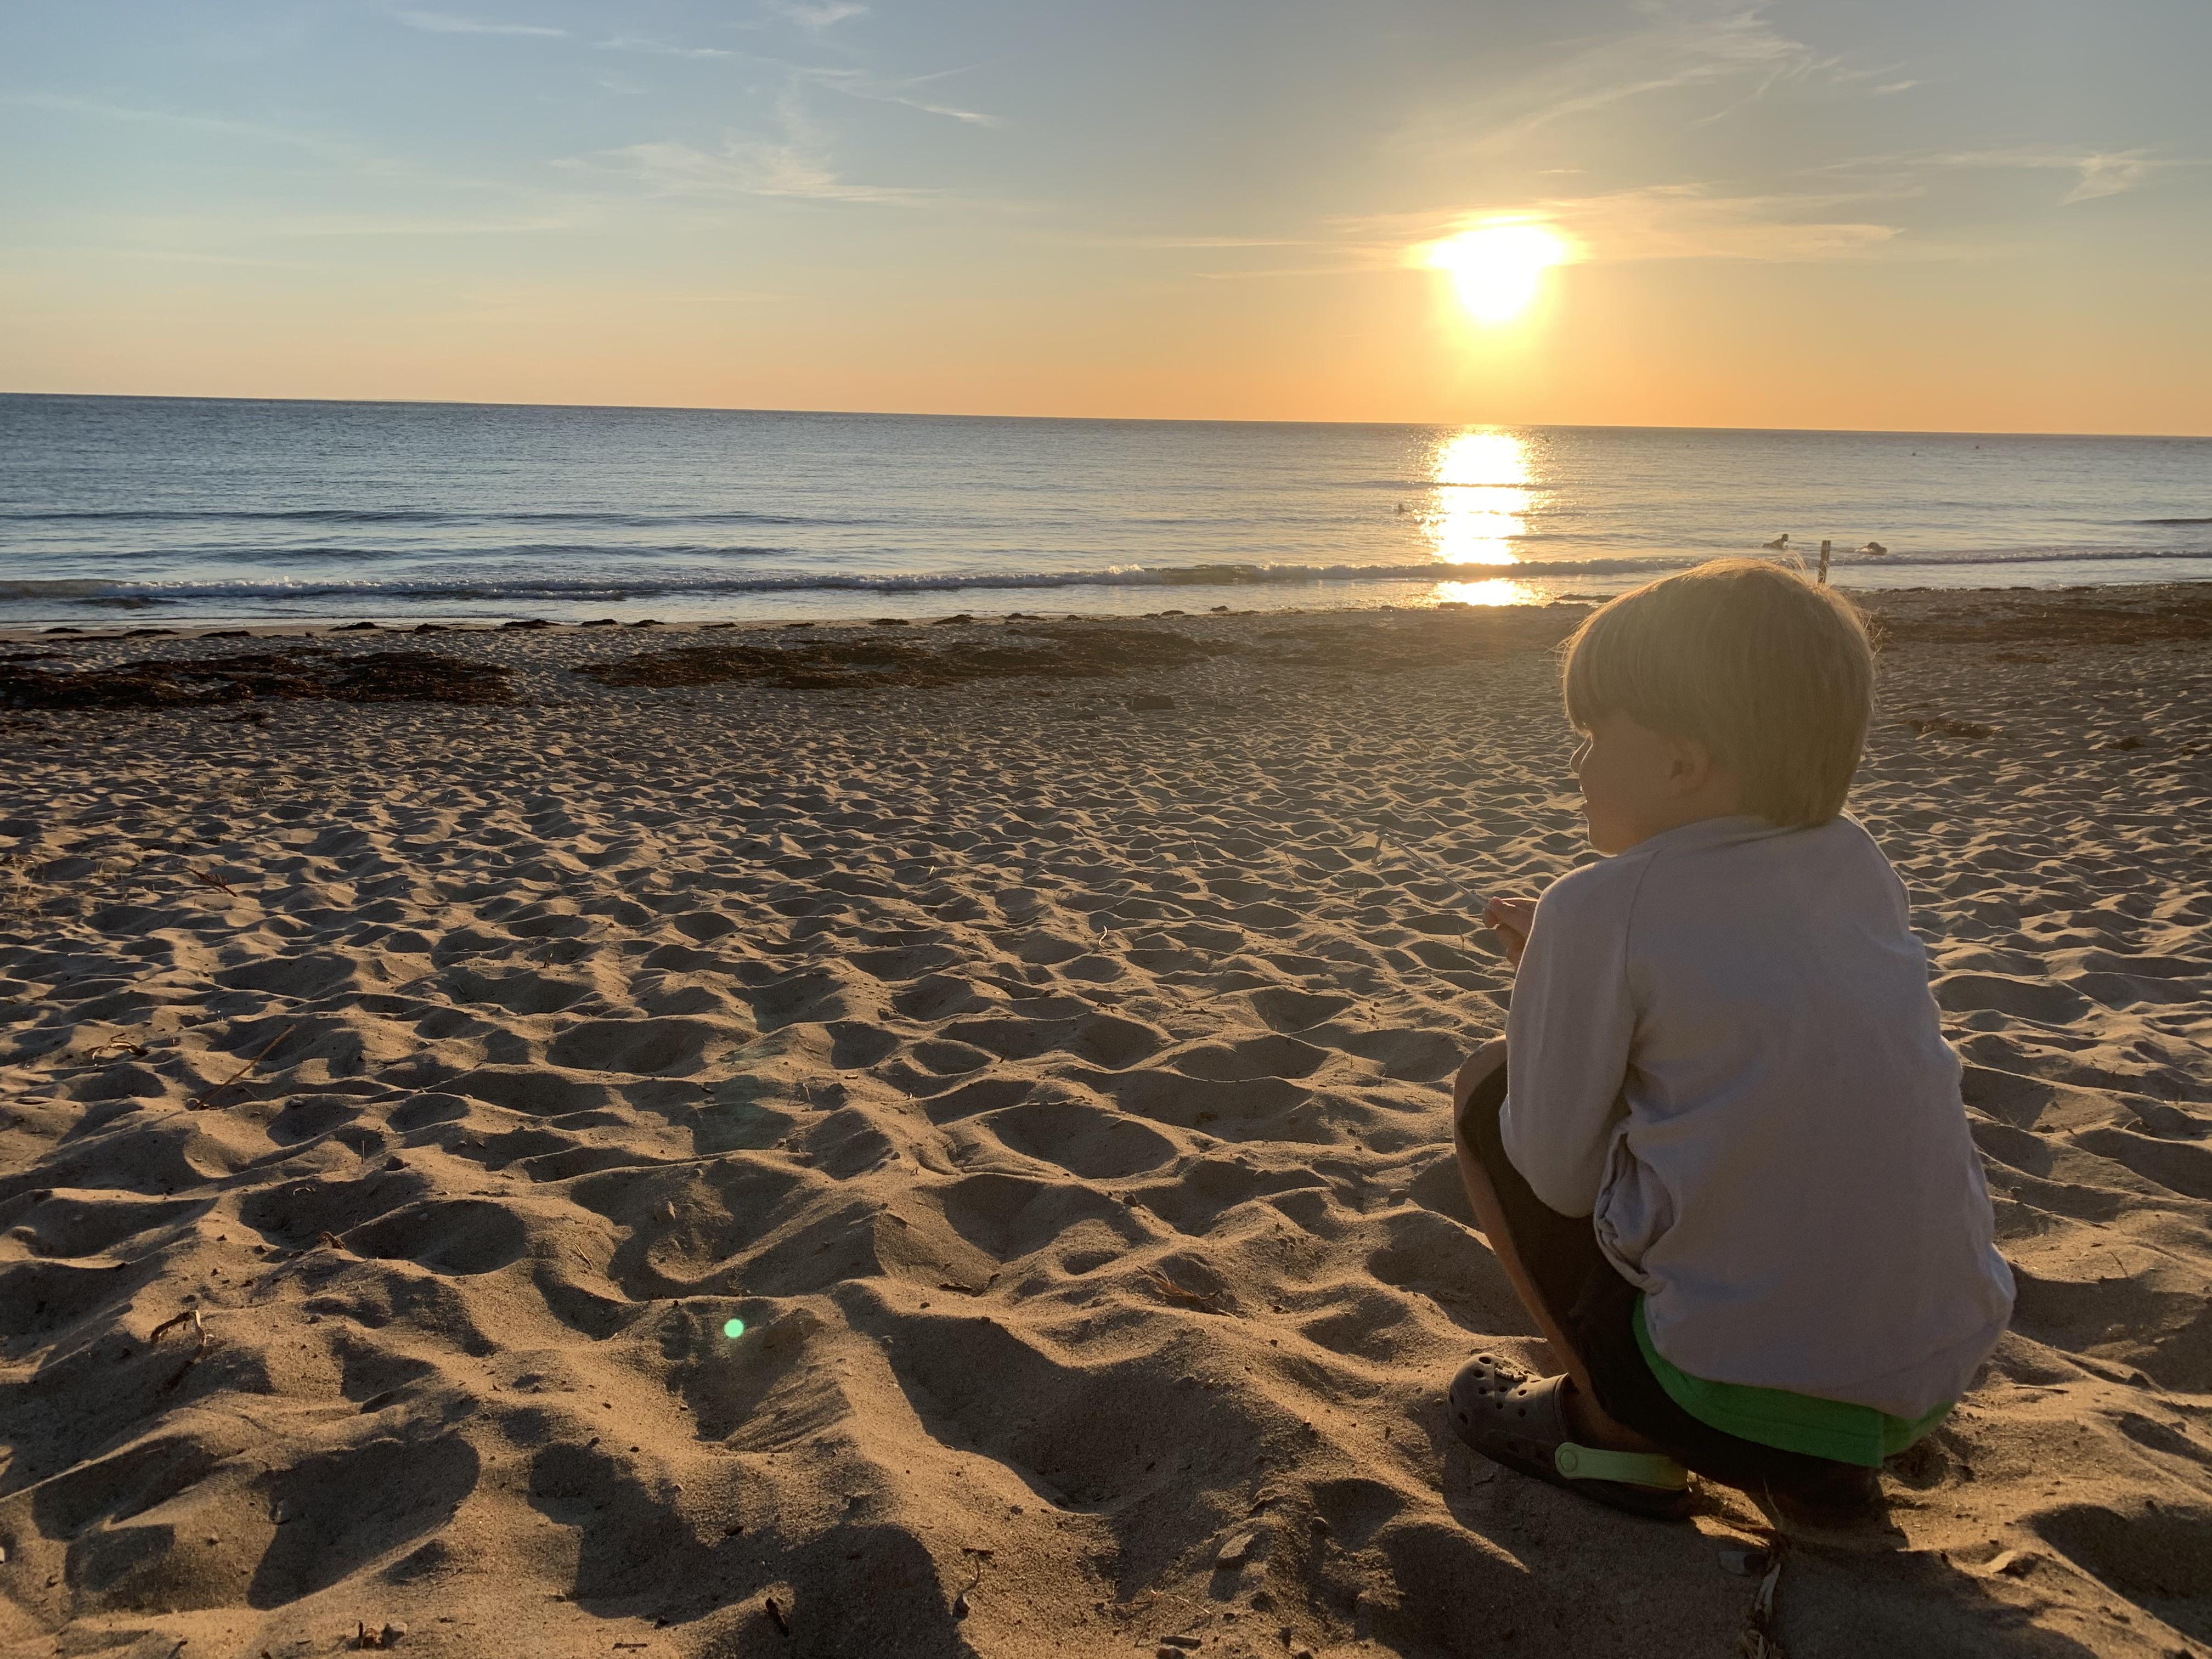 Normandie Rundreise, Sonnenuntergang am endlosen Strand